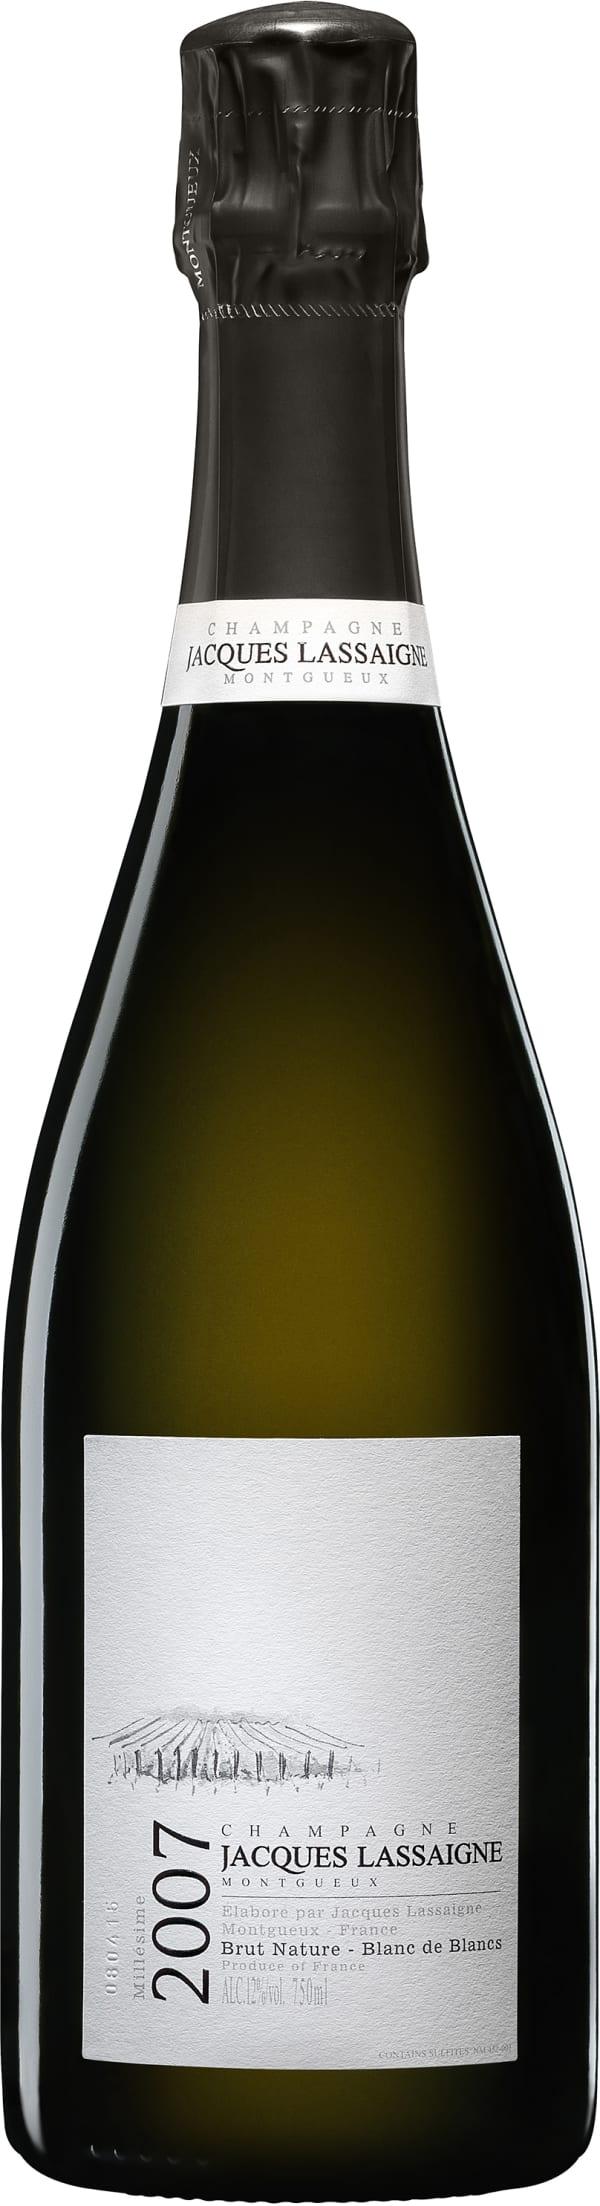 Jacques Lassaigne Blanc de Blancs Millésime Champagne Brut Nature 2007